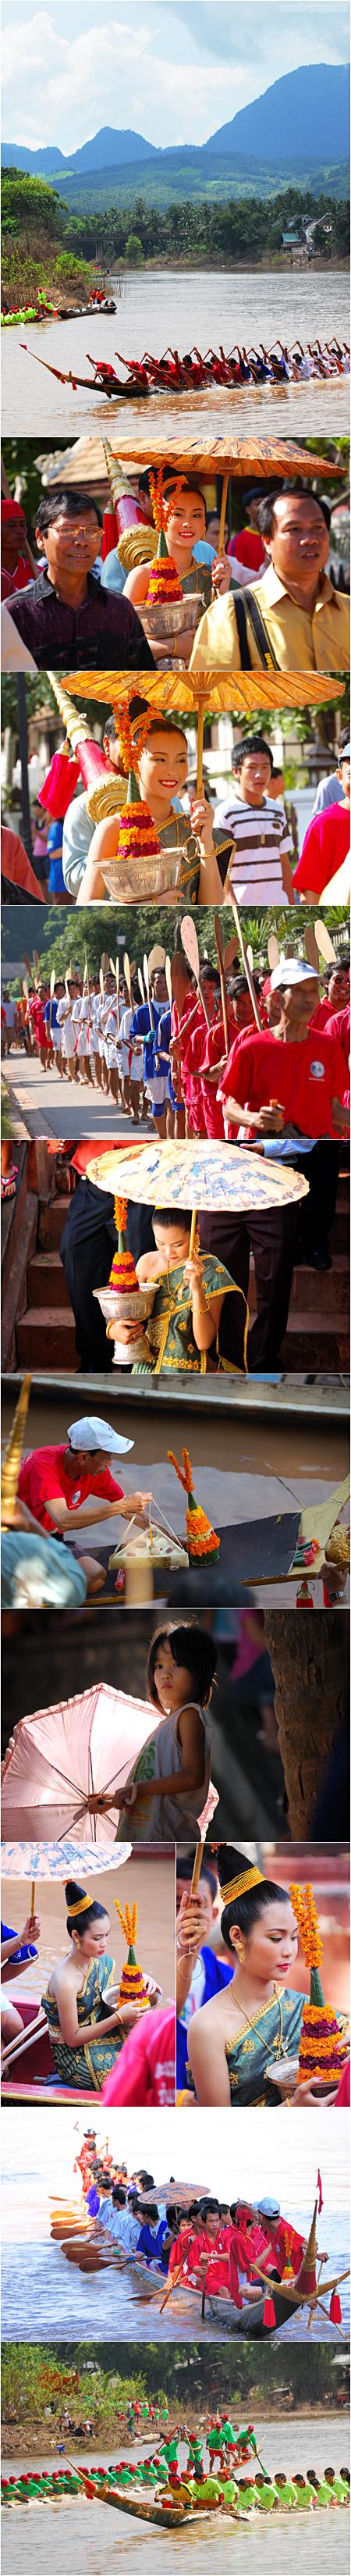 bvong_pix_laos_luang_prabang_dragon_boat.jpg